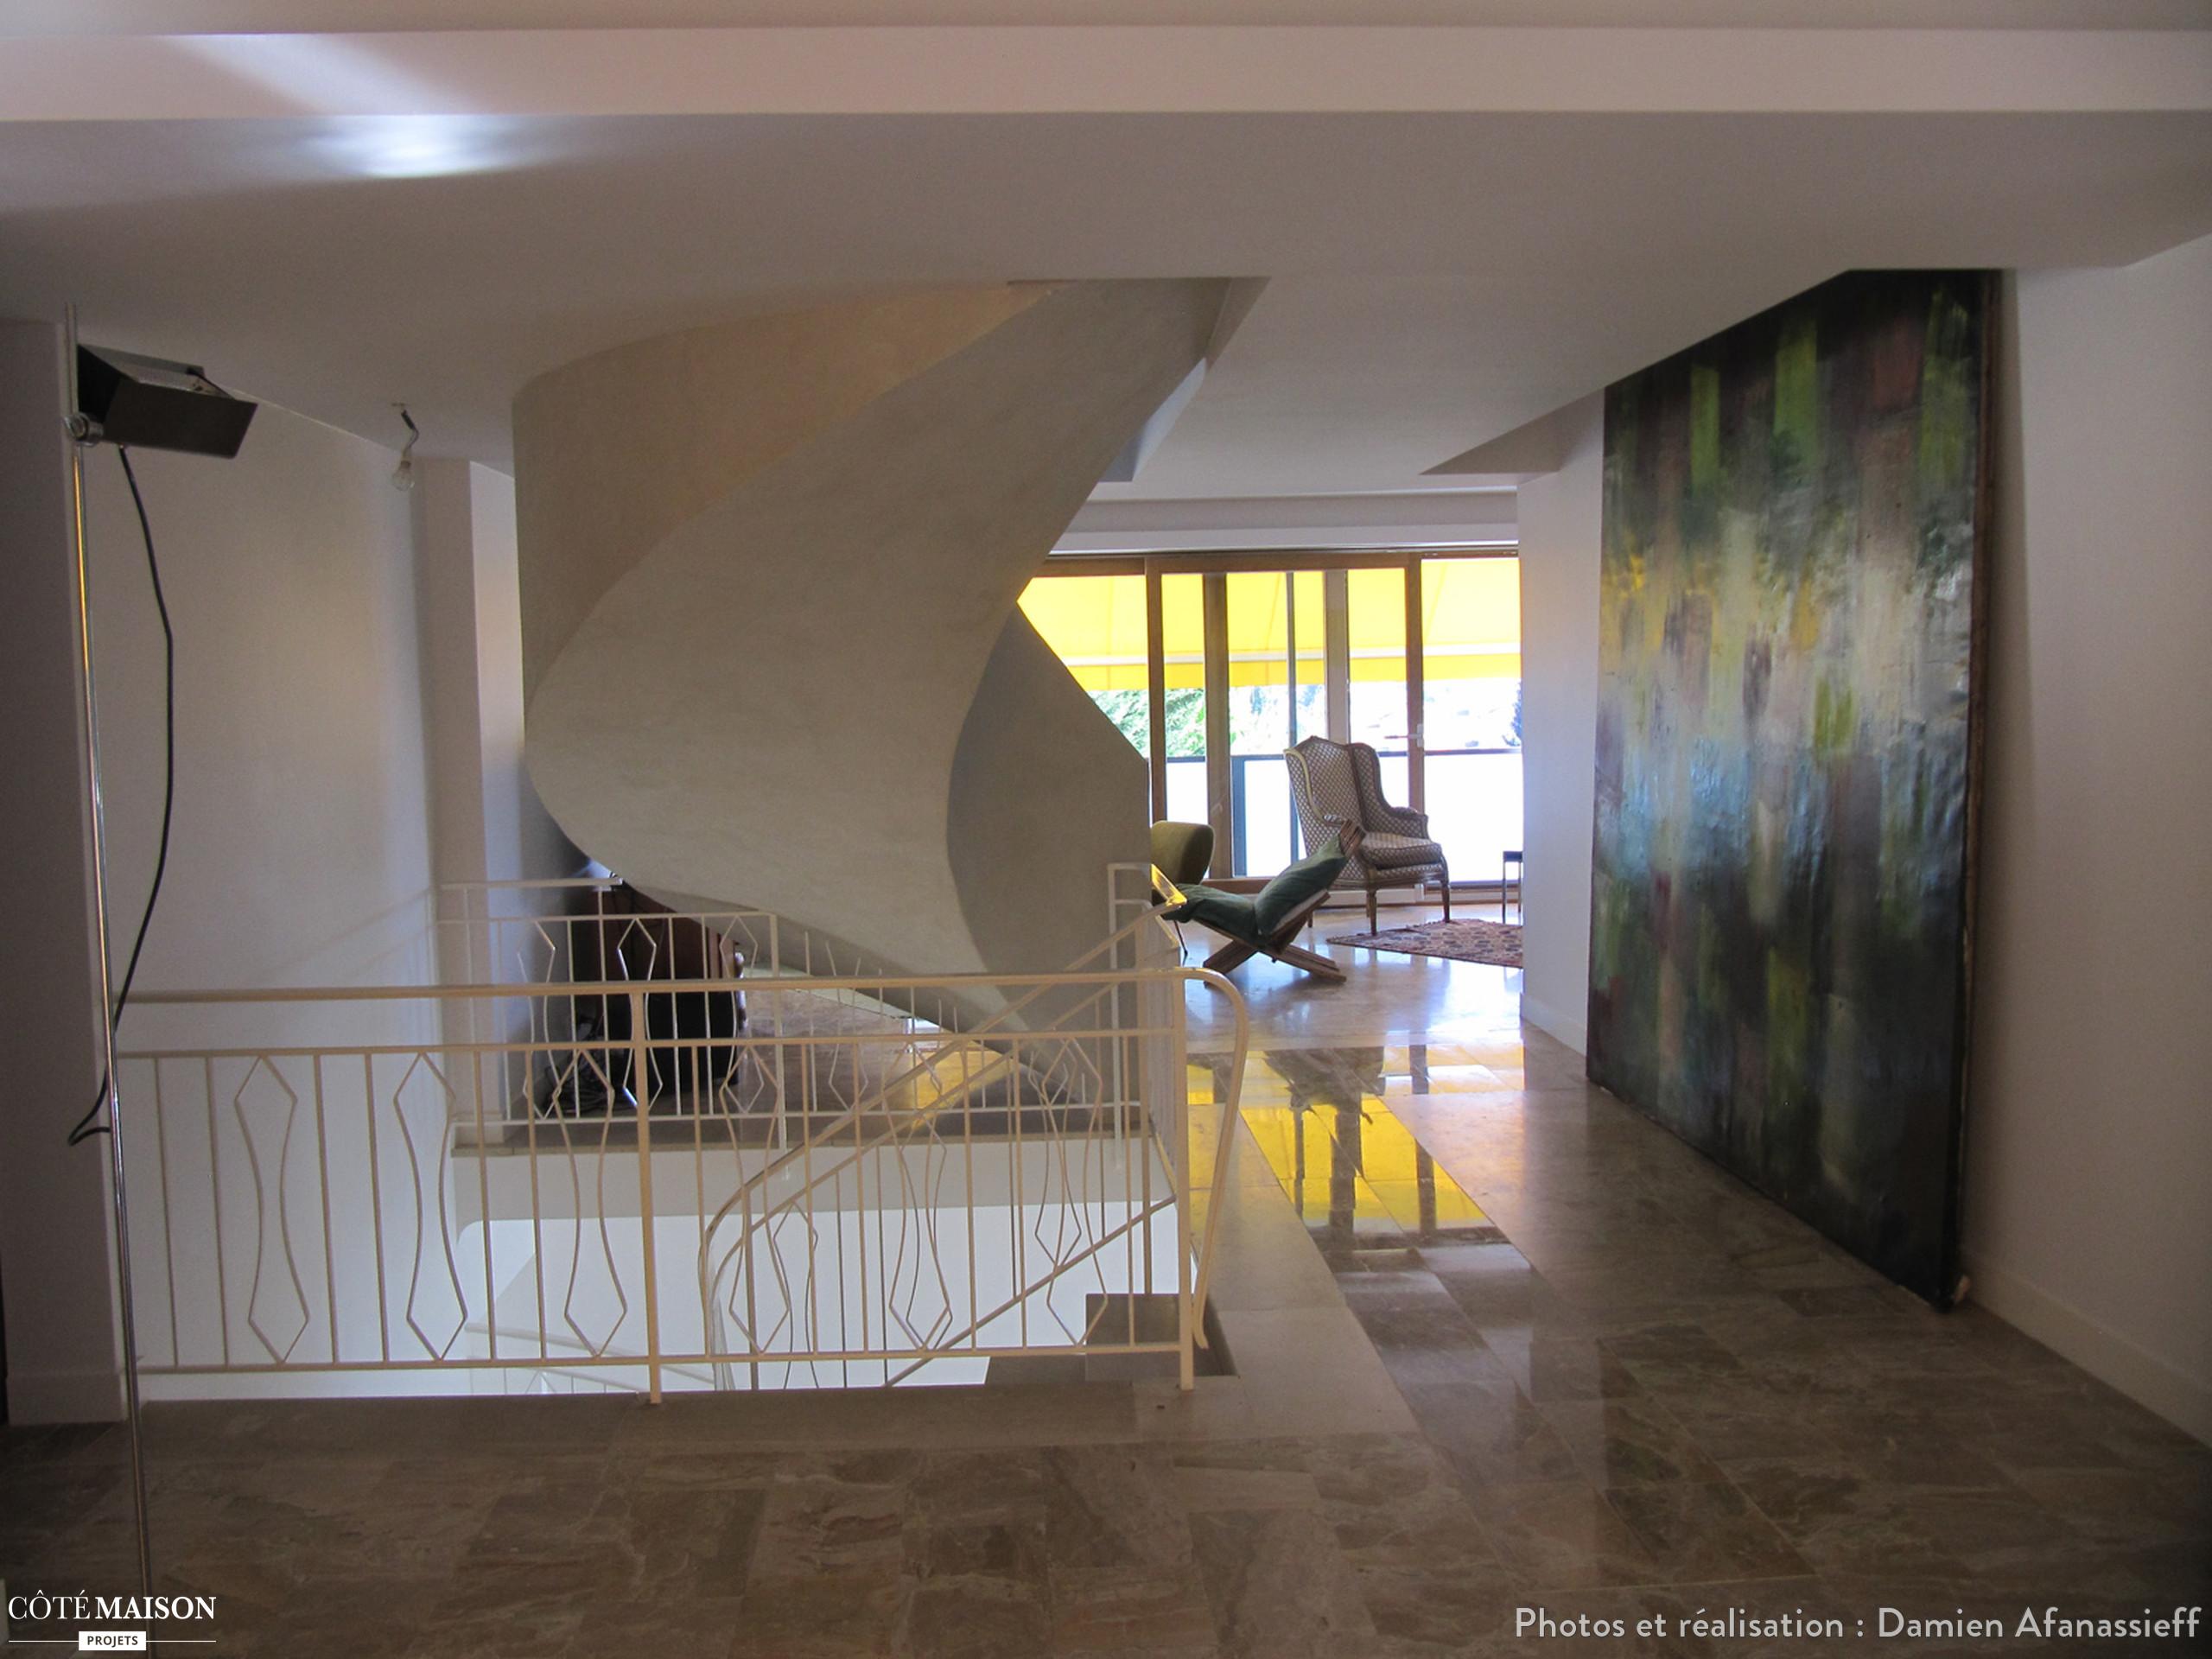 Restructuration intrieure dune maison de 1970 Damien Afanassieff  Ct Maison